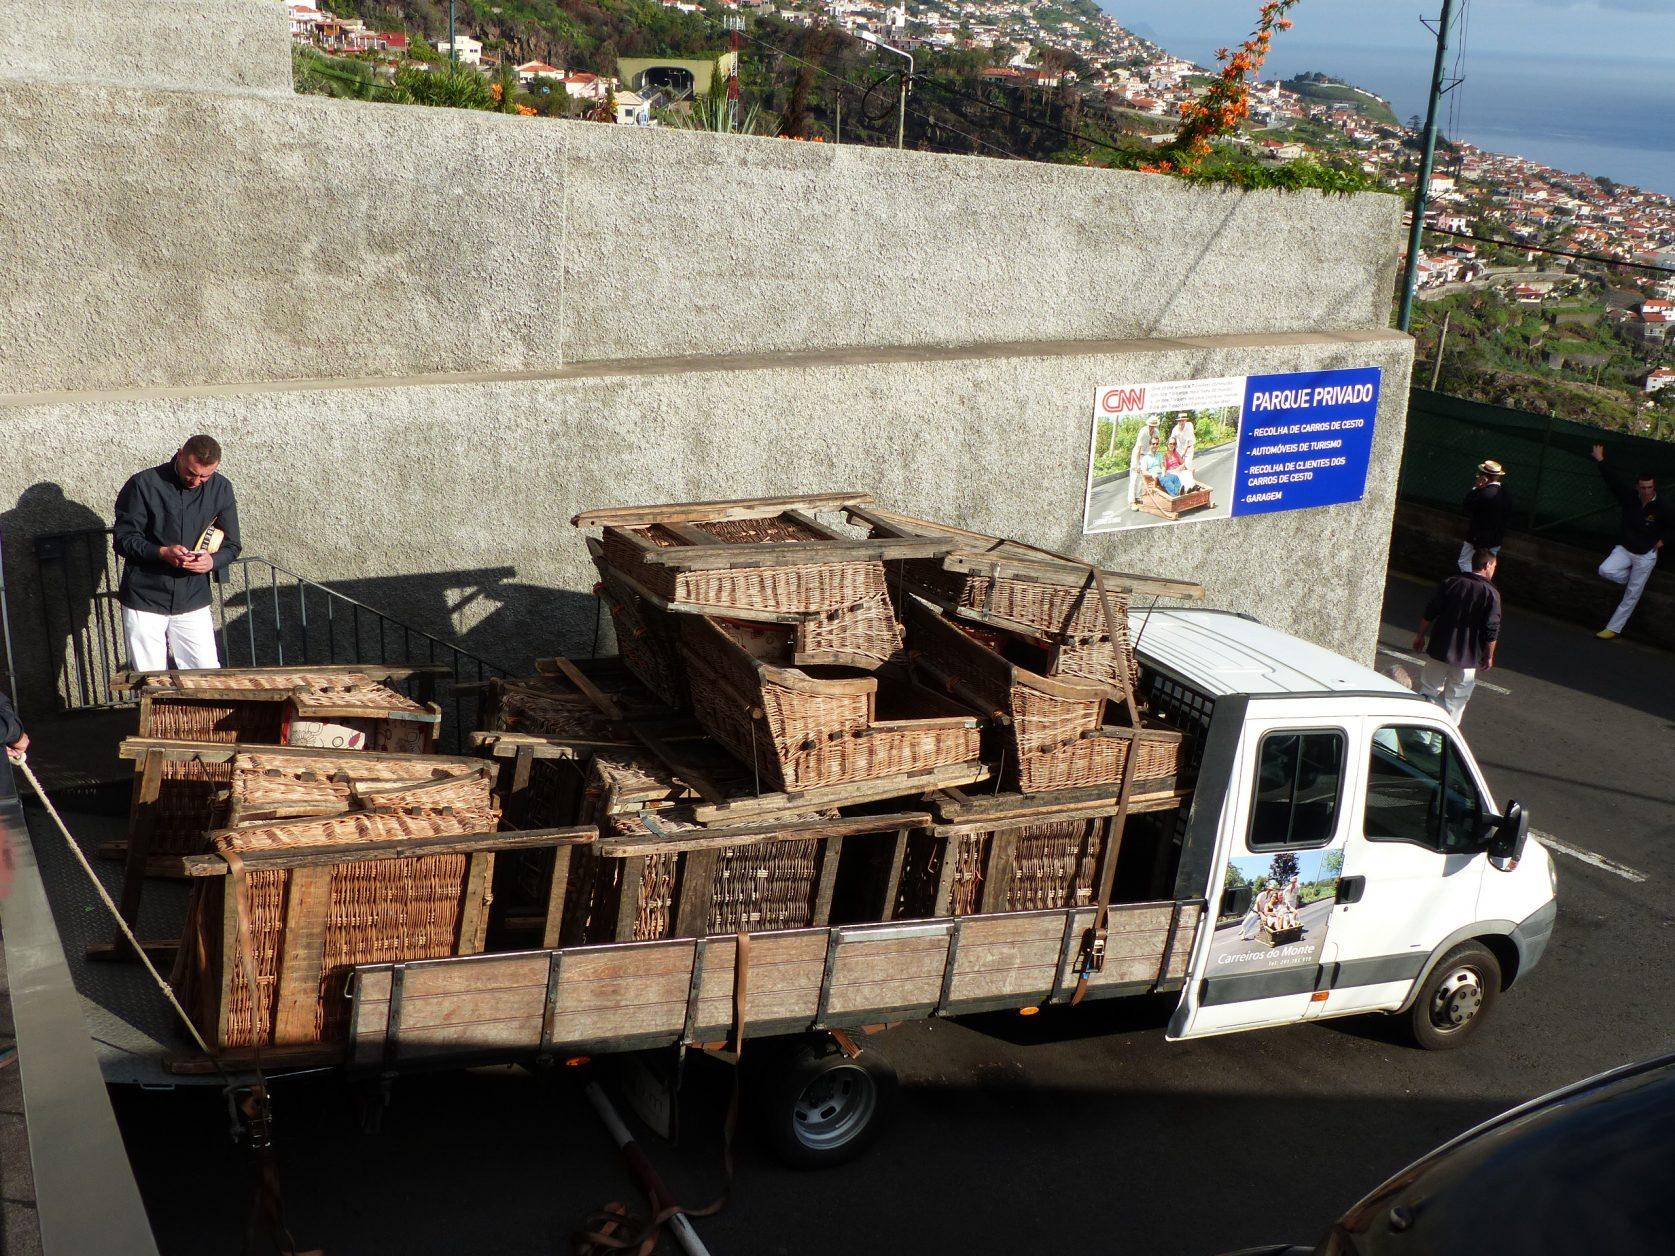 Heute wartet an der Endstation ein LKW, der die Schlitten wieder zum Startpunkt zurück bringt. Foto: D. Weirauch